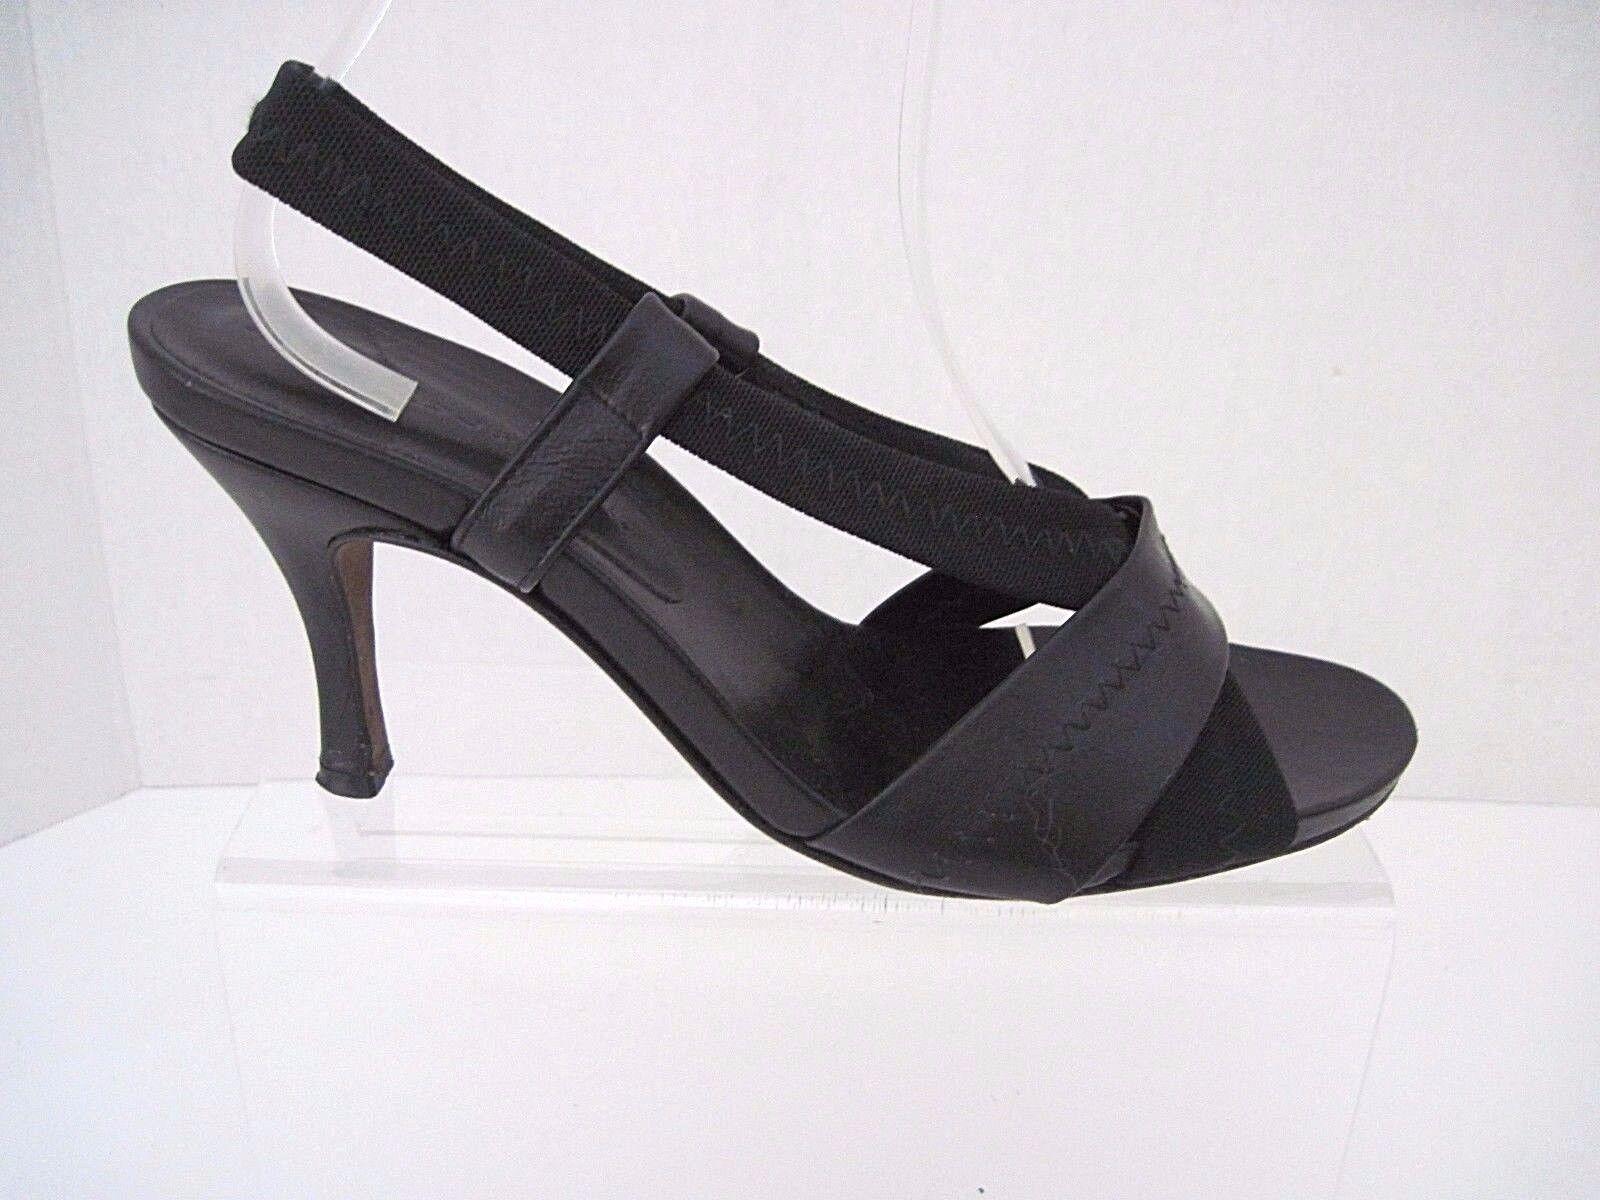 DONALD J PLINER PLINER J Black Leather & Elastic Slingback Sandals Heels Size 7 1/2 M 06295a